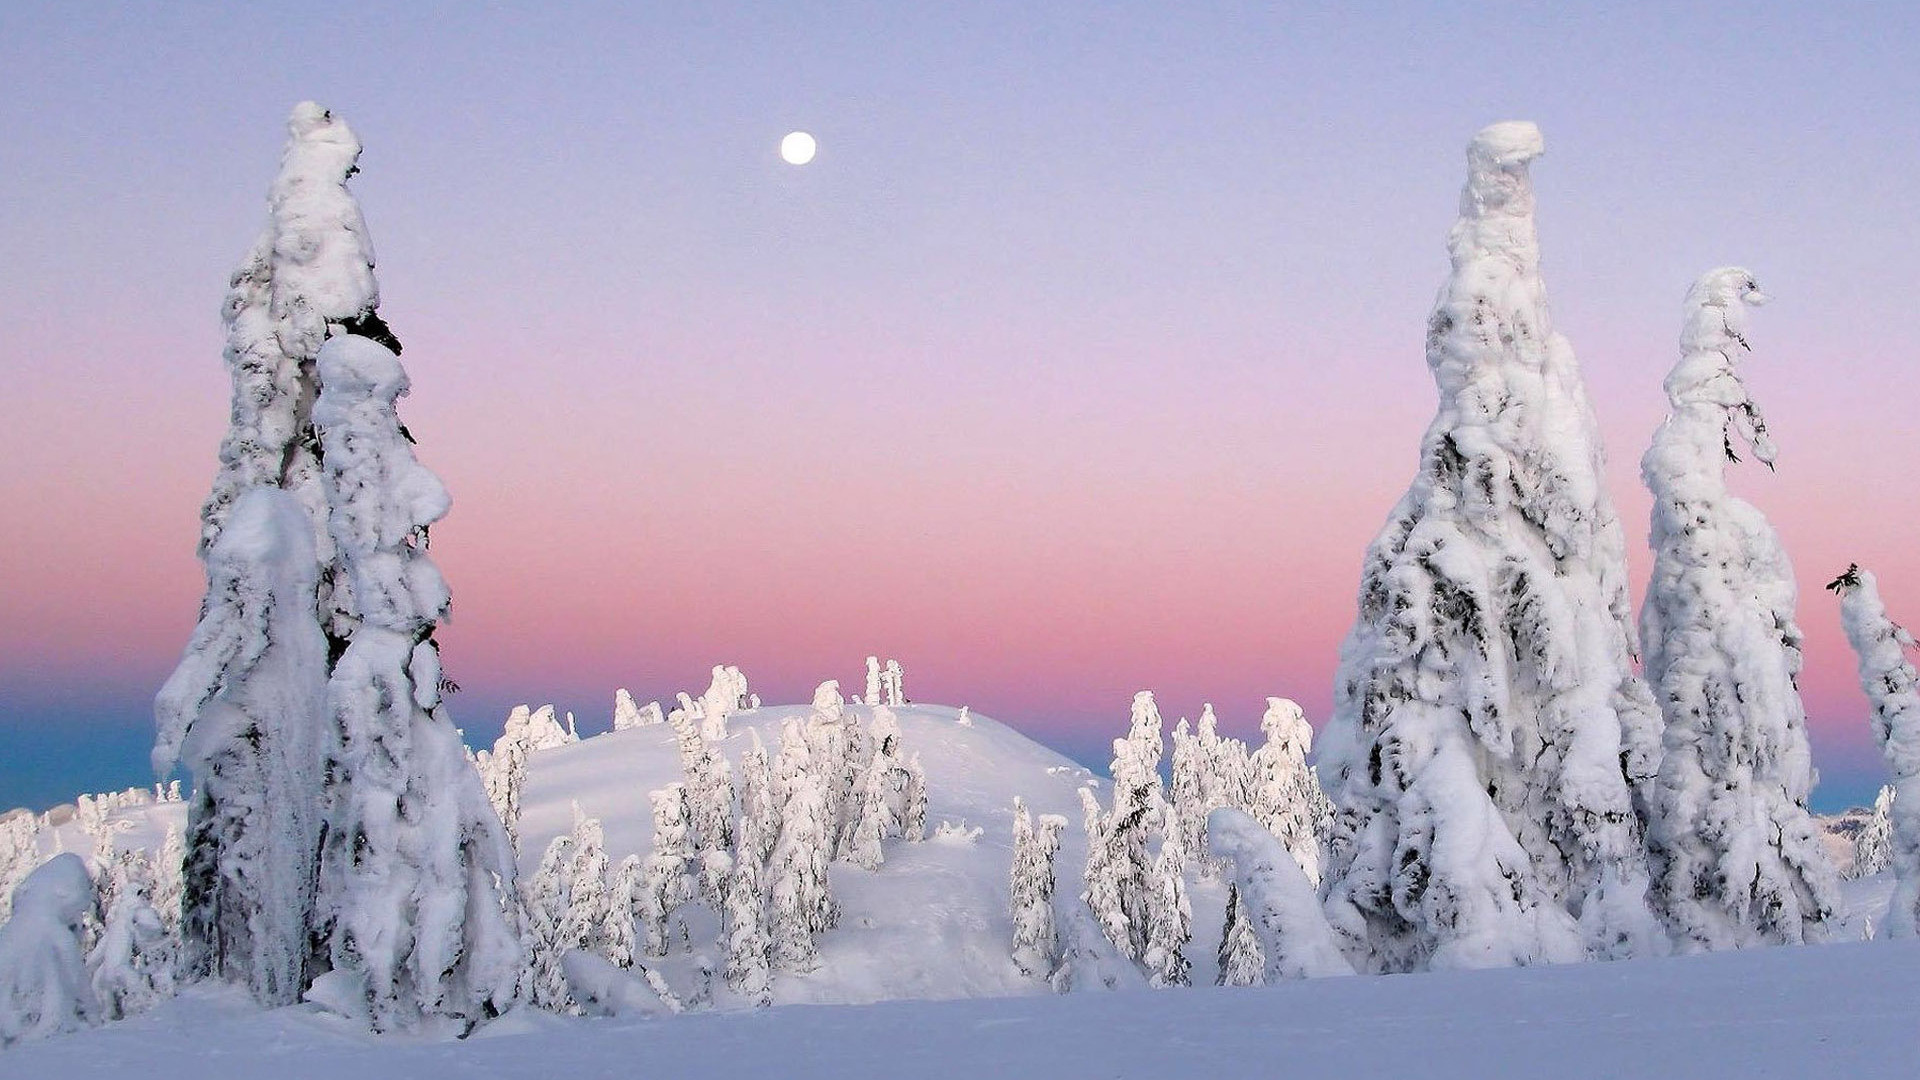 Frozen Wallpapers High Resolution | PixelsTalk.Net